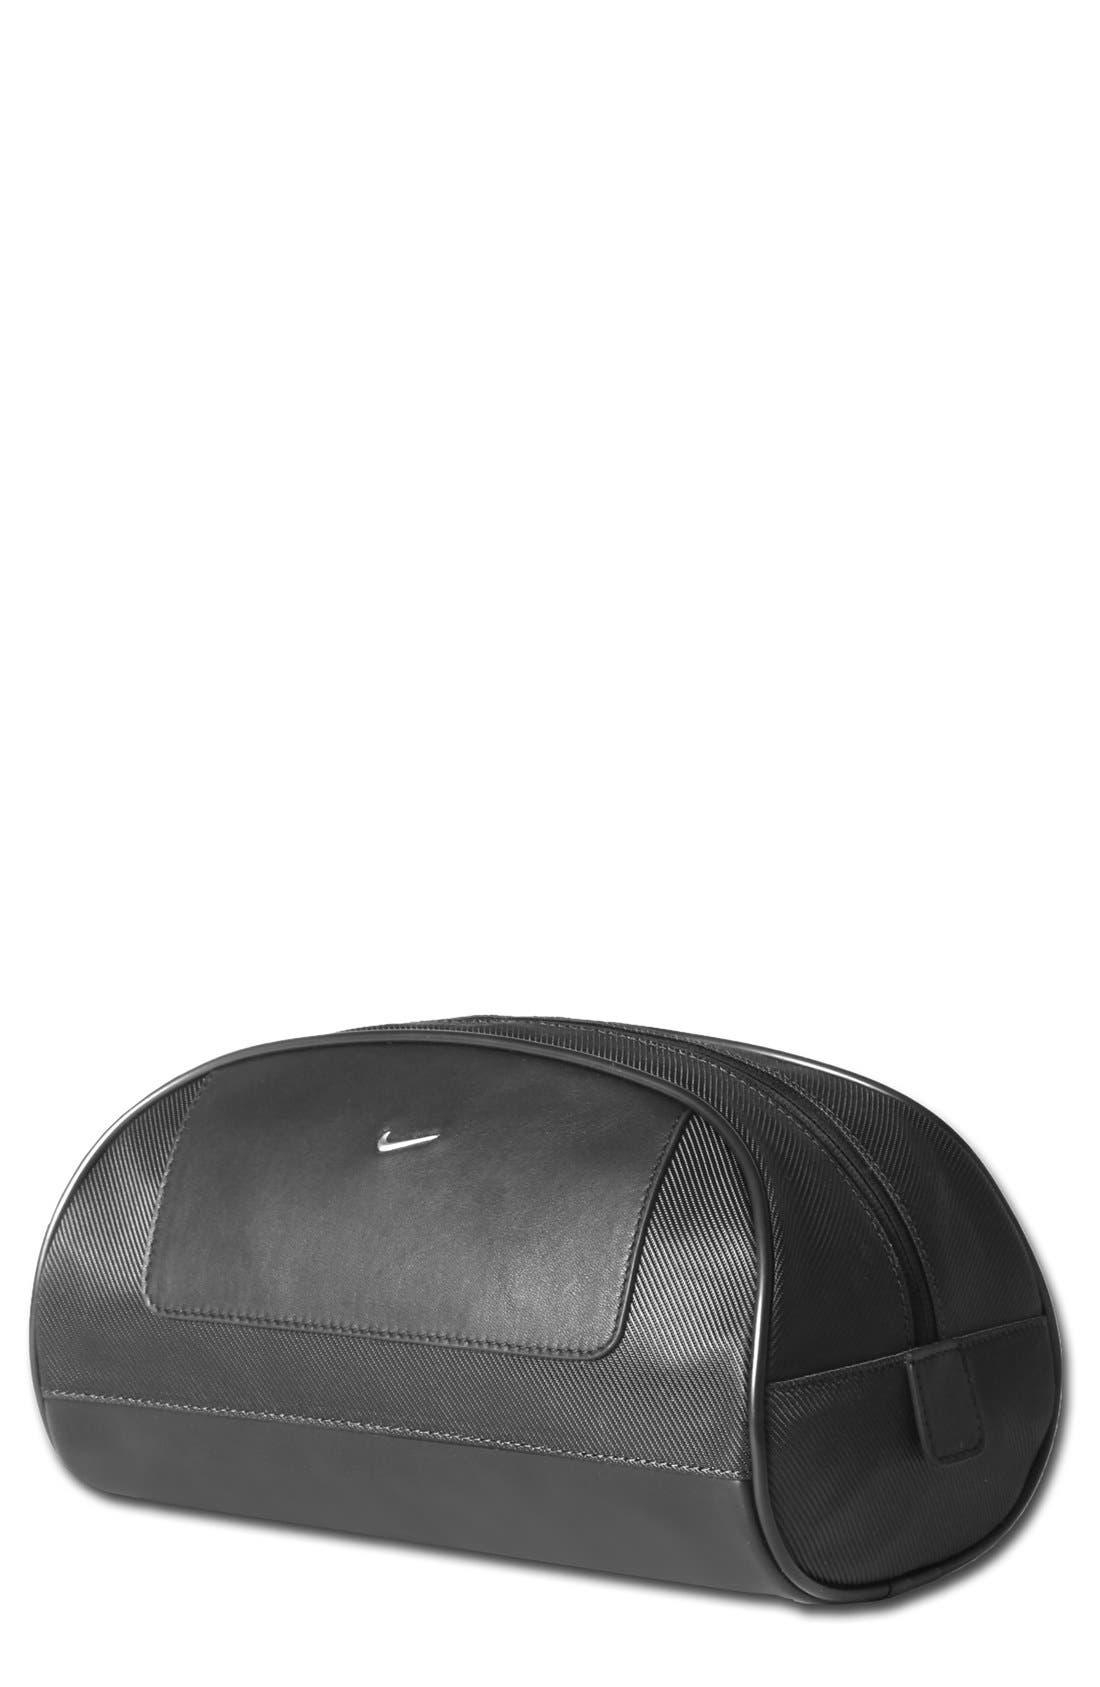 Nike Leather Travel Kit